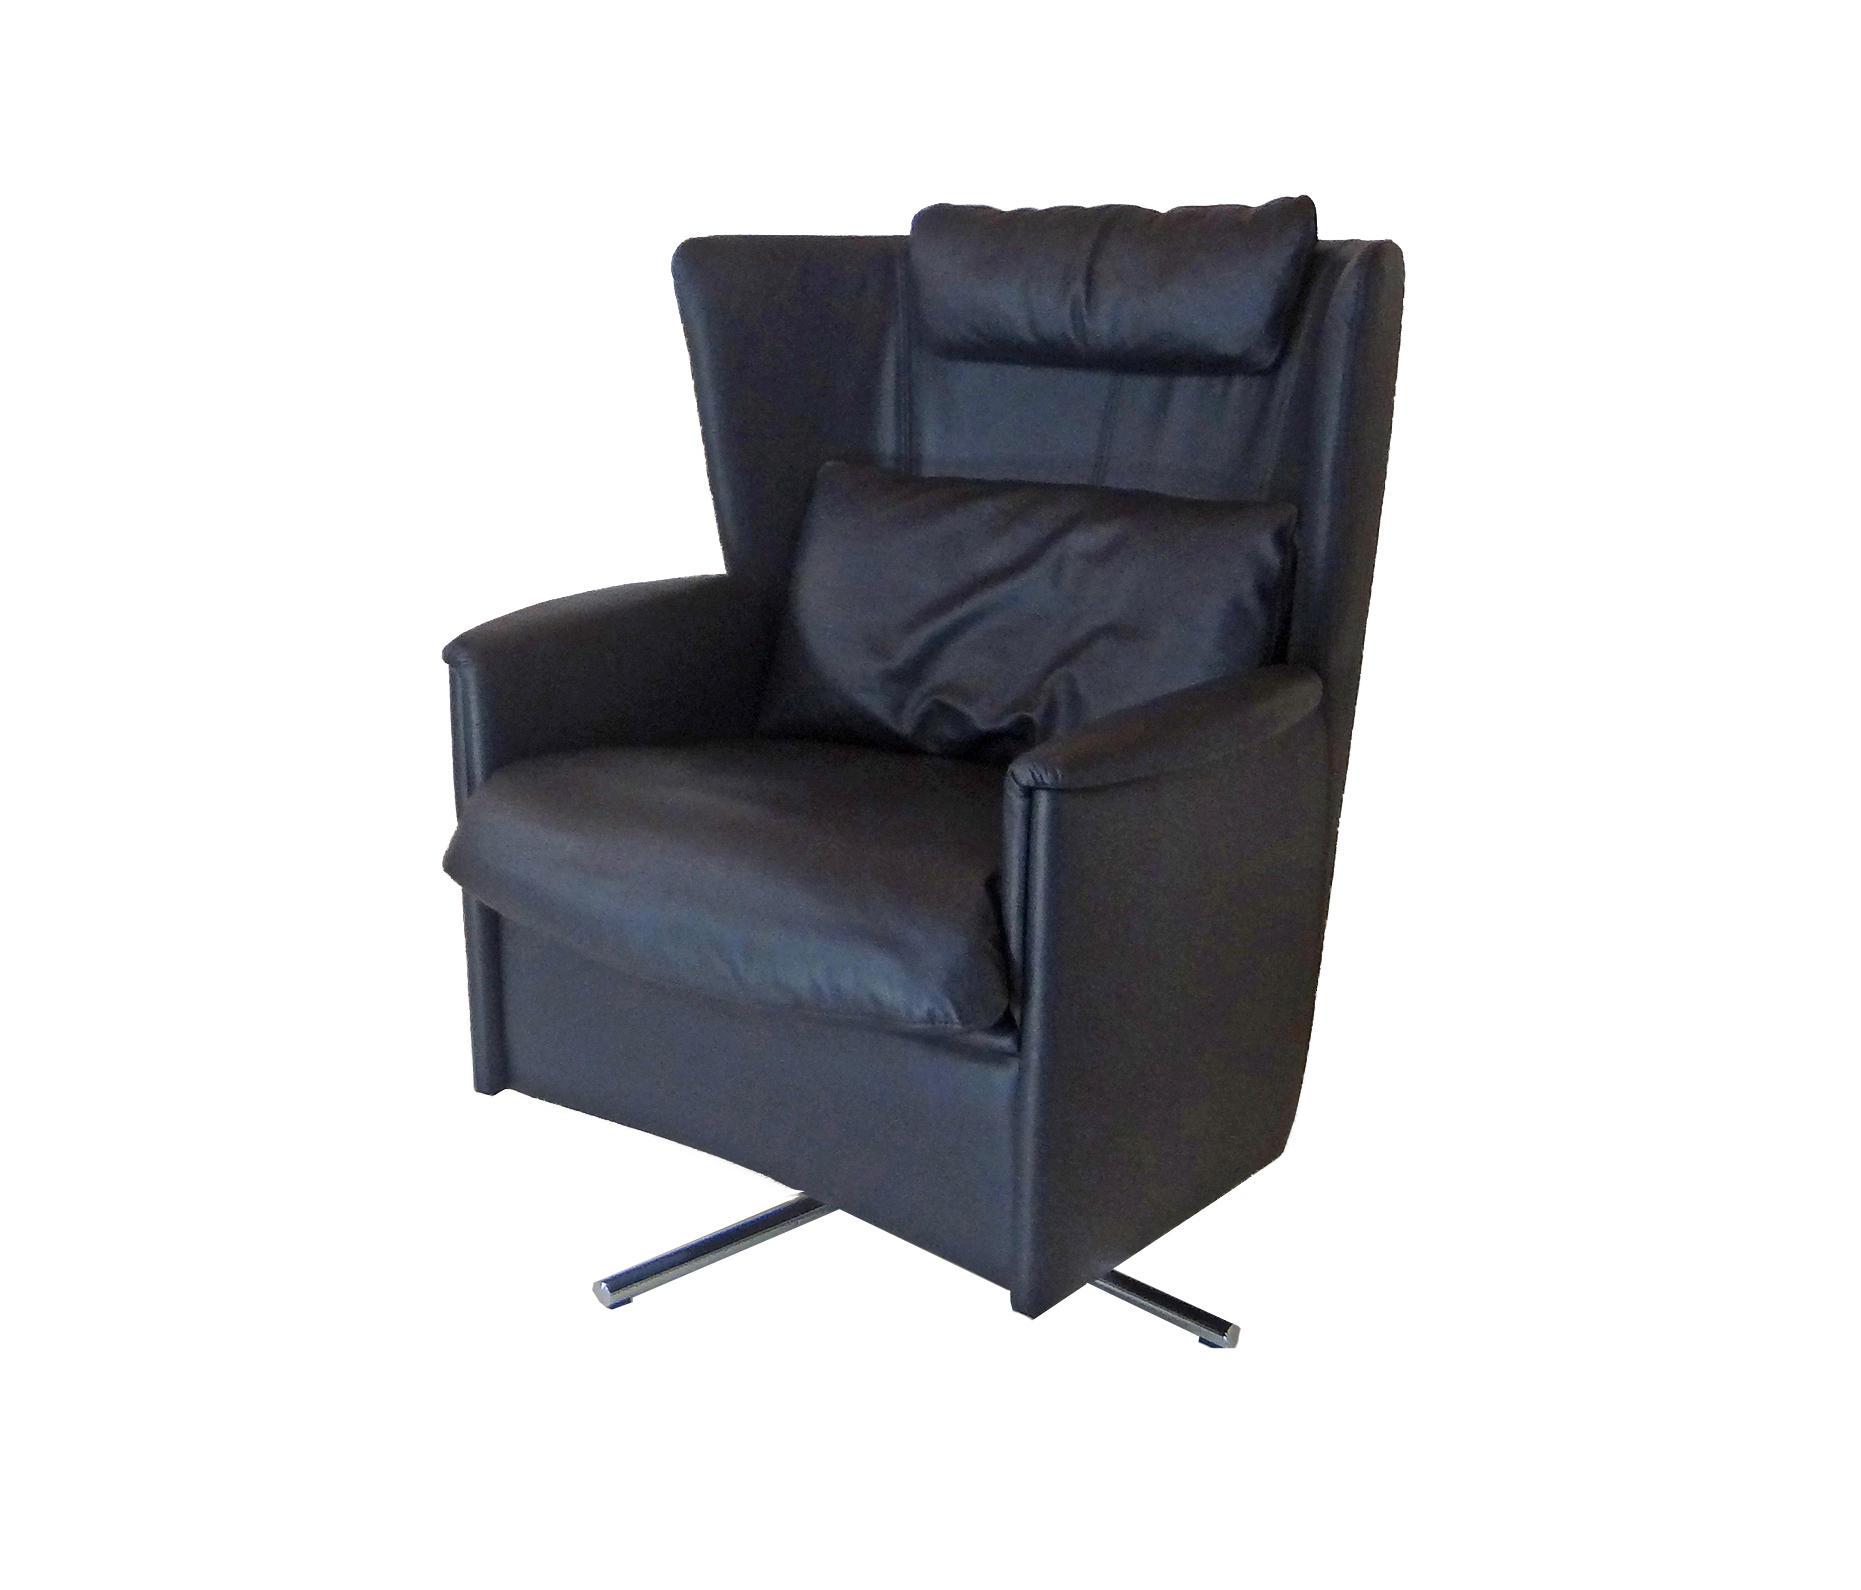 SD 23 SESSEL - Sessel von Schulte Design   Architonic